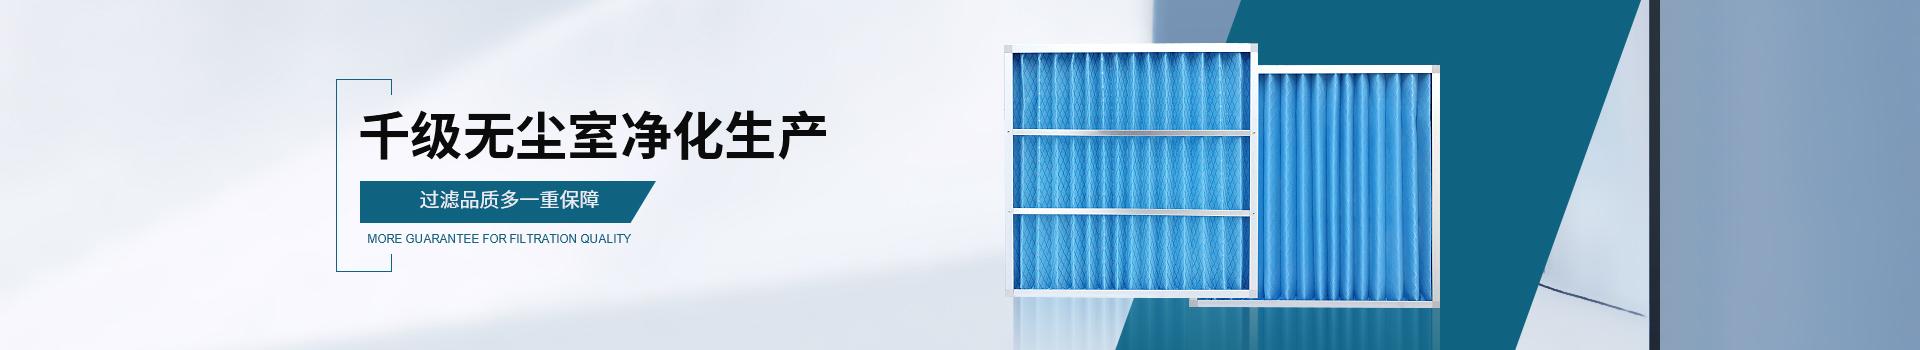 威尔斯净化千级无尘室净化生产,过滤品质多一重保障